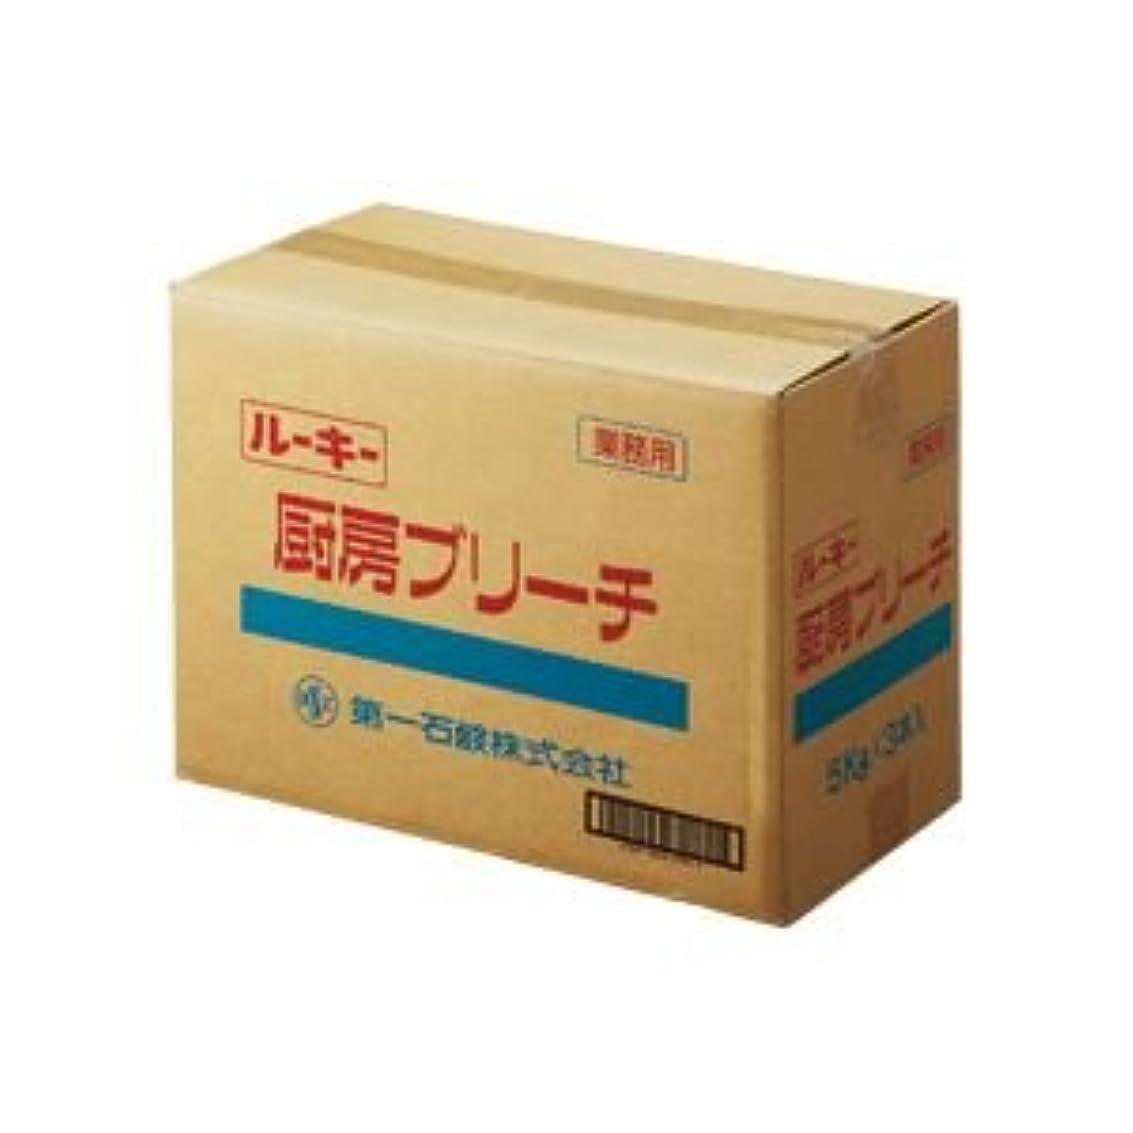 もろい踏み台教(まとめ) 第一石鹸 ルーキー 厨房ブリーチ 業務用 5kg/本 1セット(3本) 【×2セット】